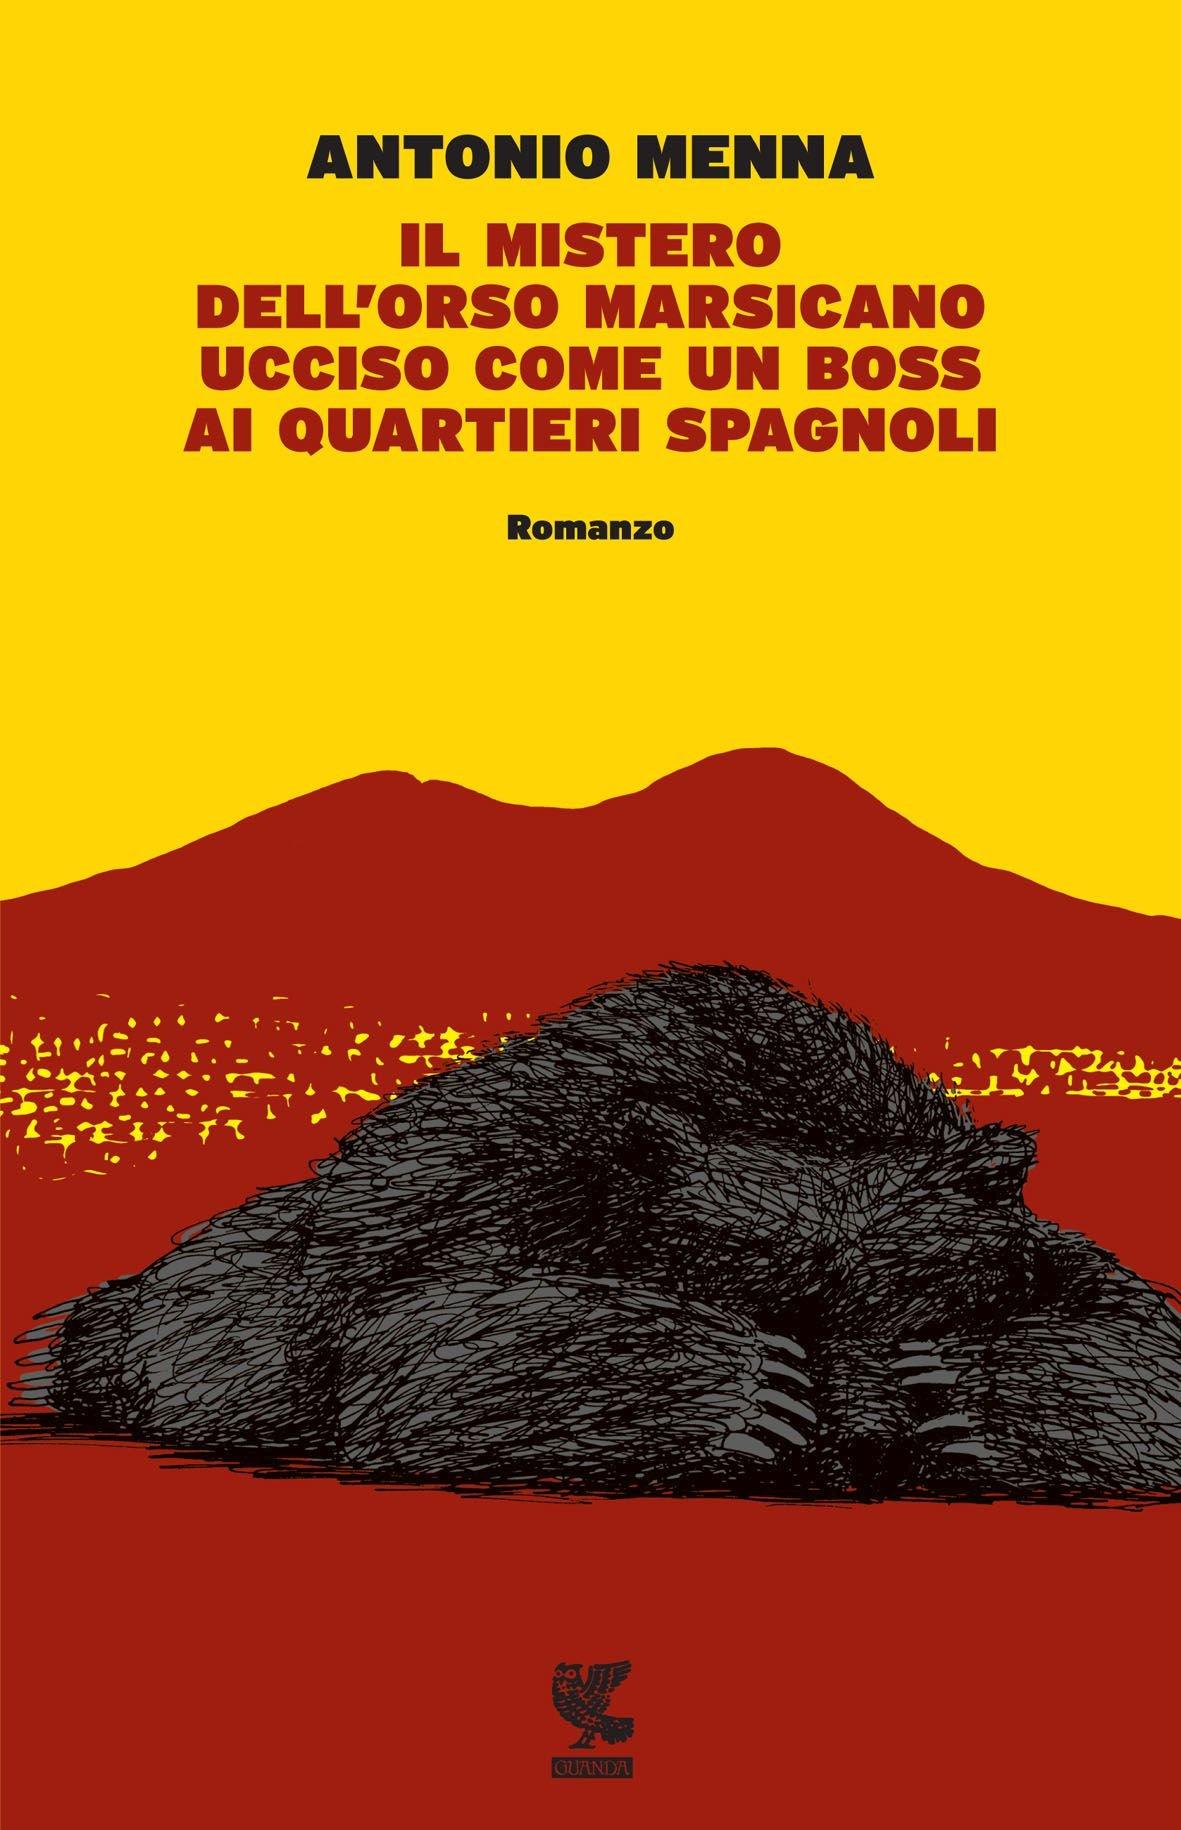 Il mistero dell'orso marsicano ucciso come un boss ai quartieri spagnoli, Antonio Menna